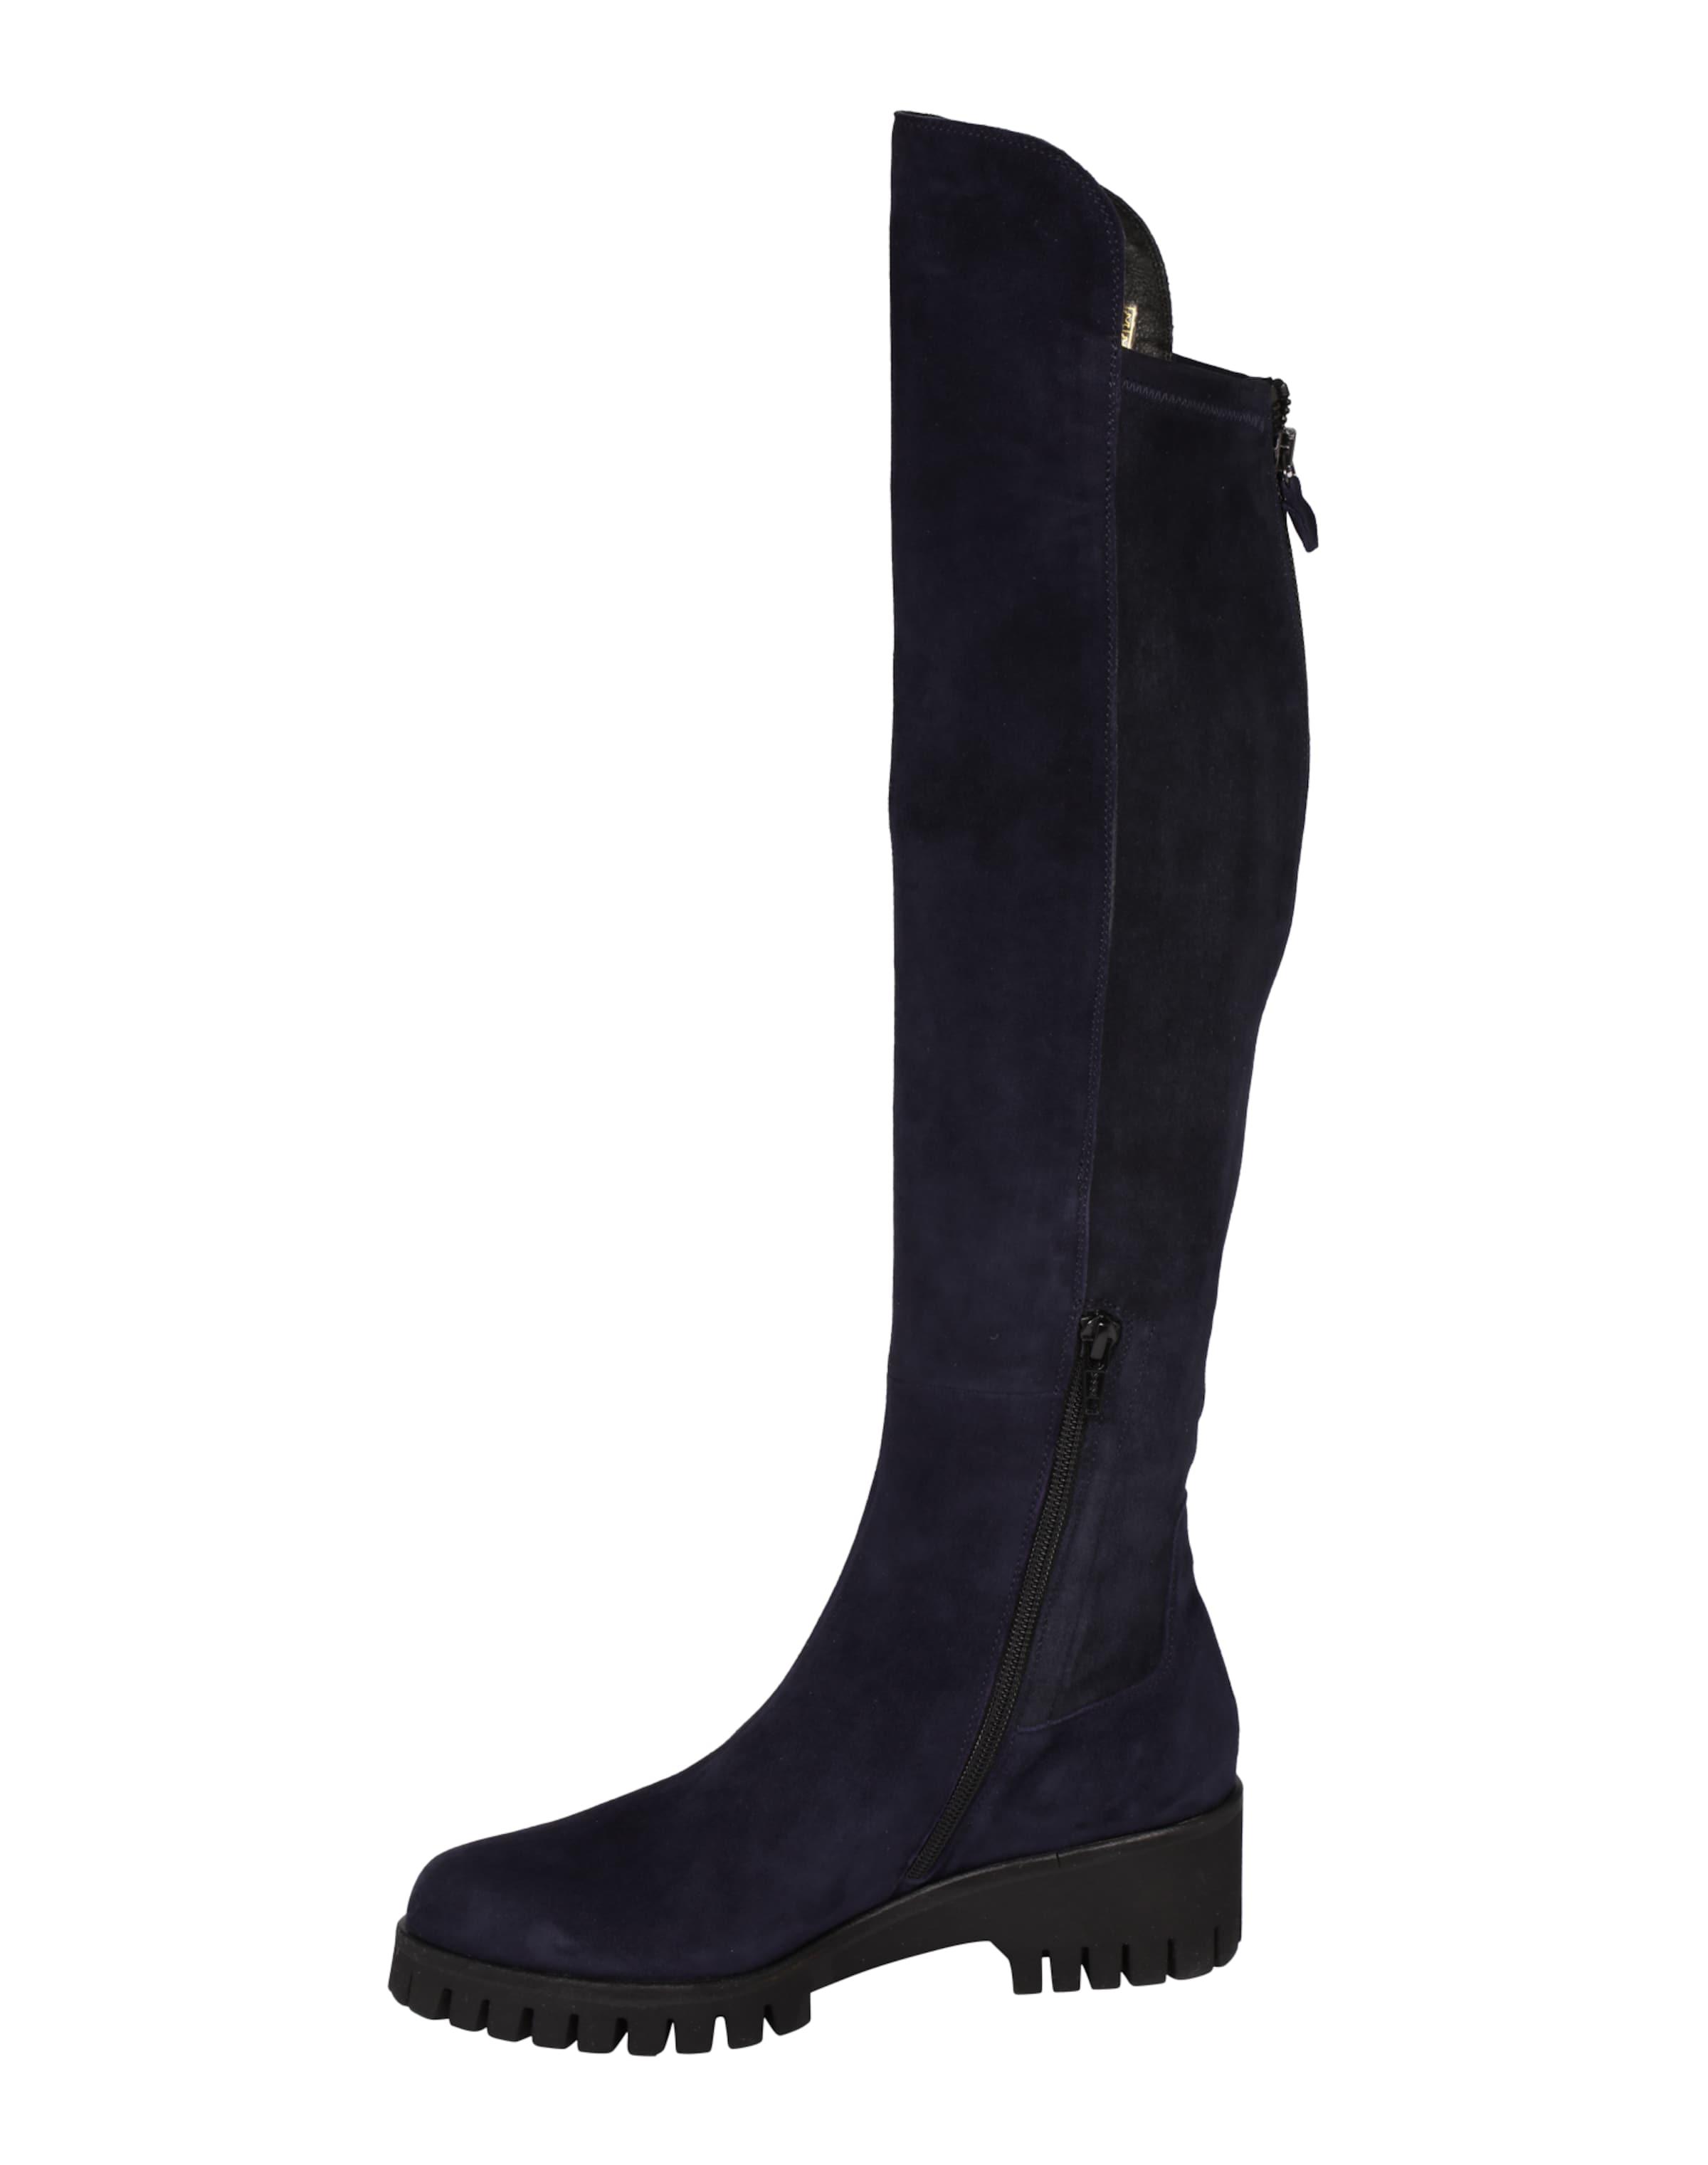 Donna Carolina Overknee-Stiefel mit Reißverschluss-Detail Klassisch Echte Online Steckdose Neuesten VMlS22